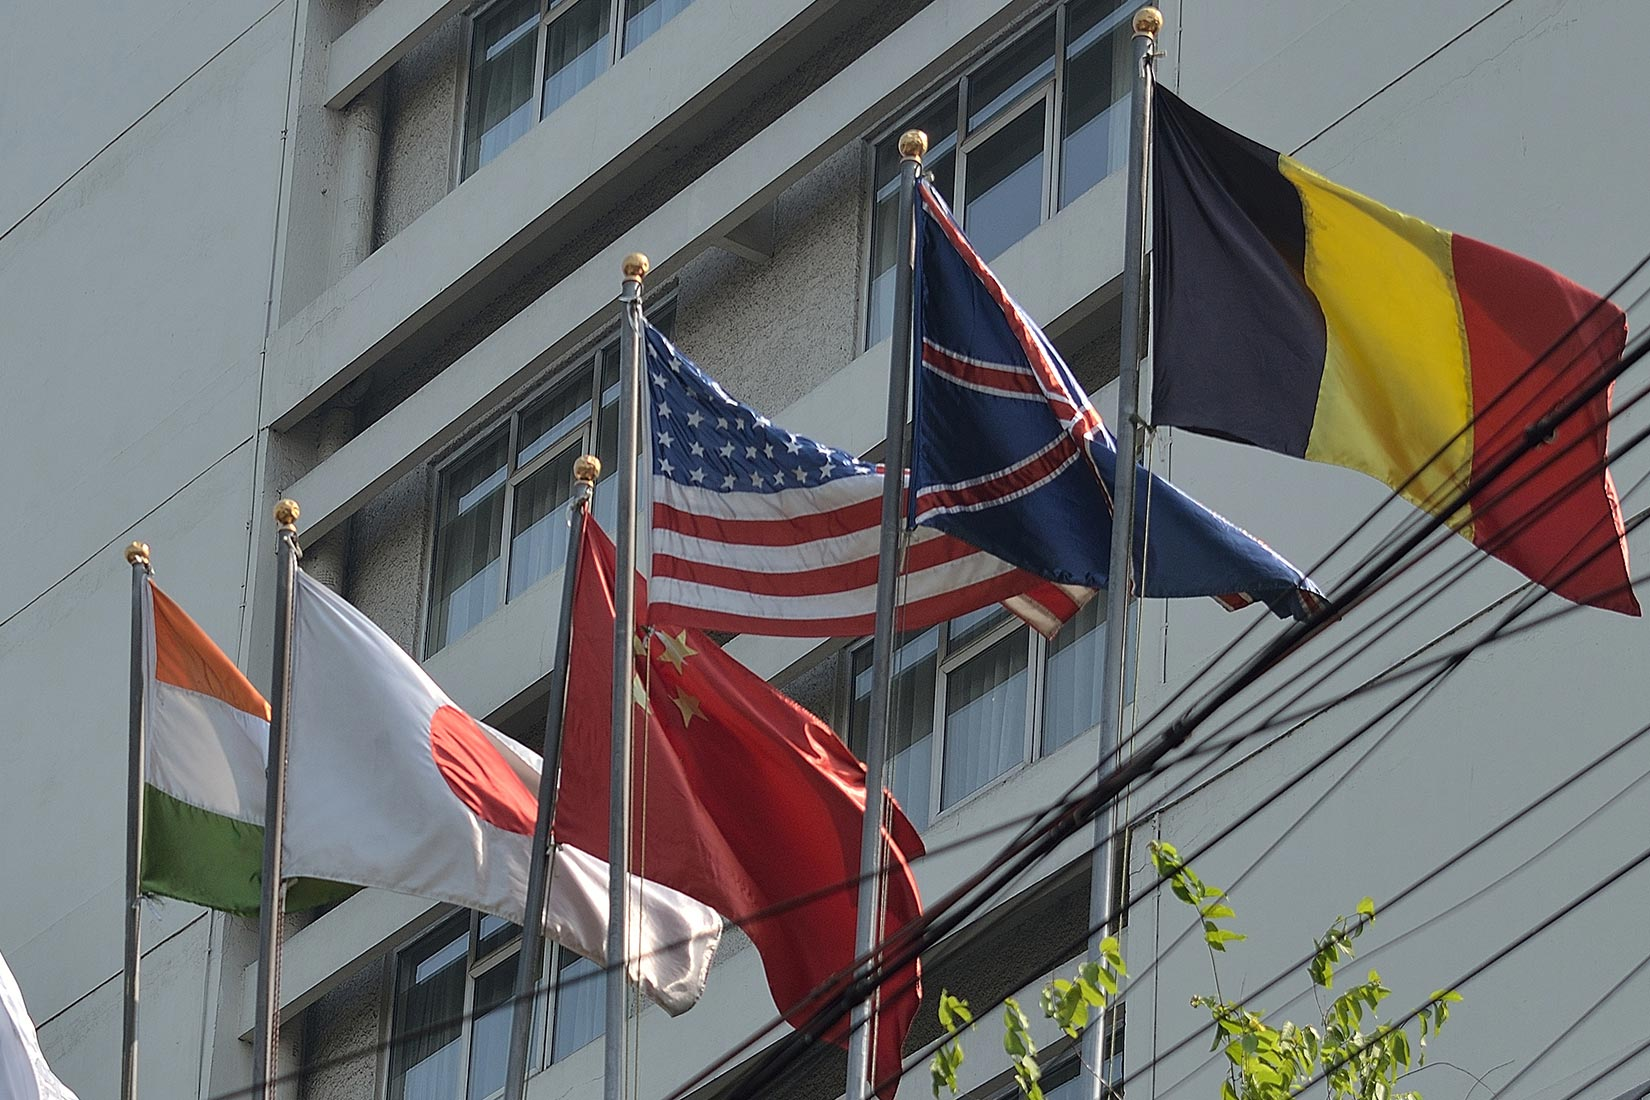 アメリカの国連回帰と日本の国連PKO貢献策<br>―有望な選択肢としての航空輸送力の提供